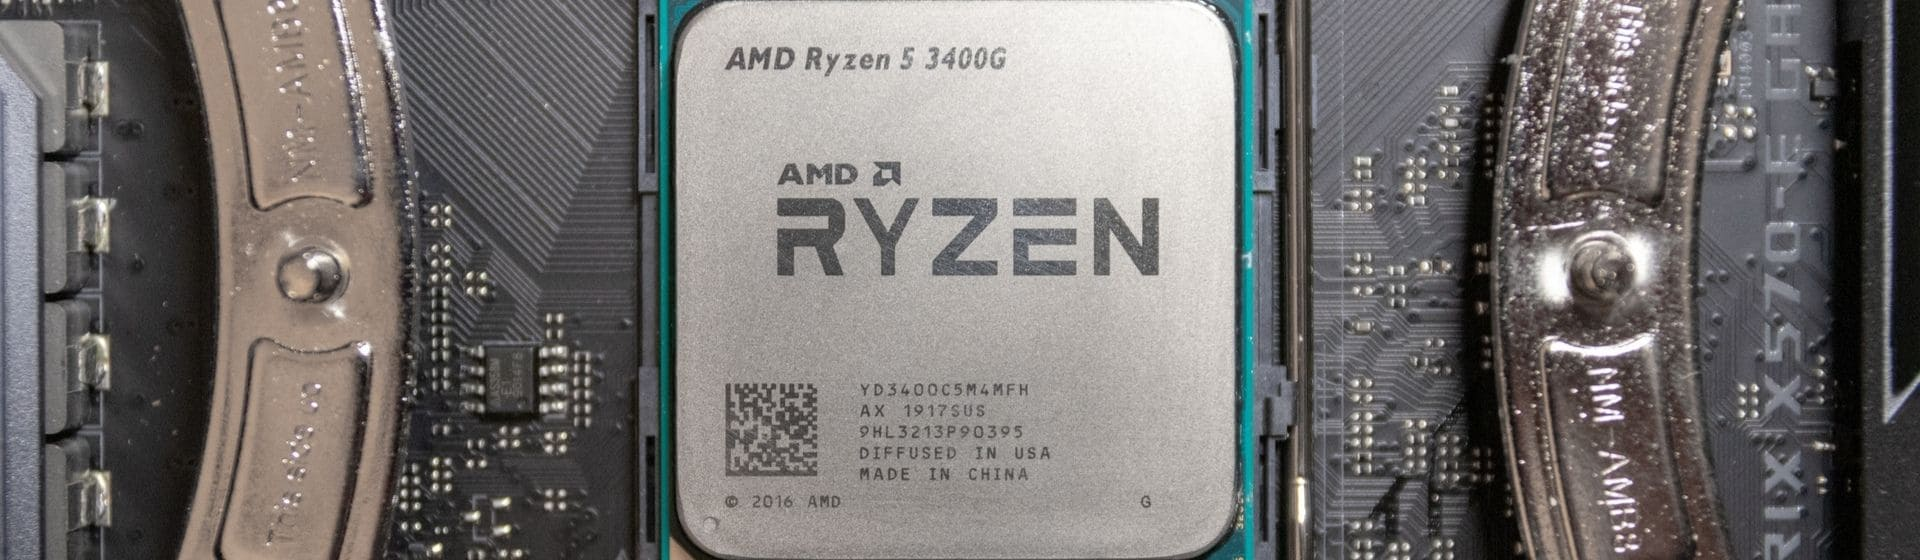 Processador AMD Ryzen 5 3400G é bom? Veja análise do chip